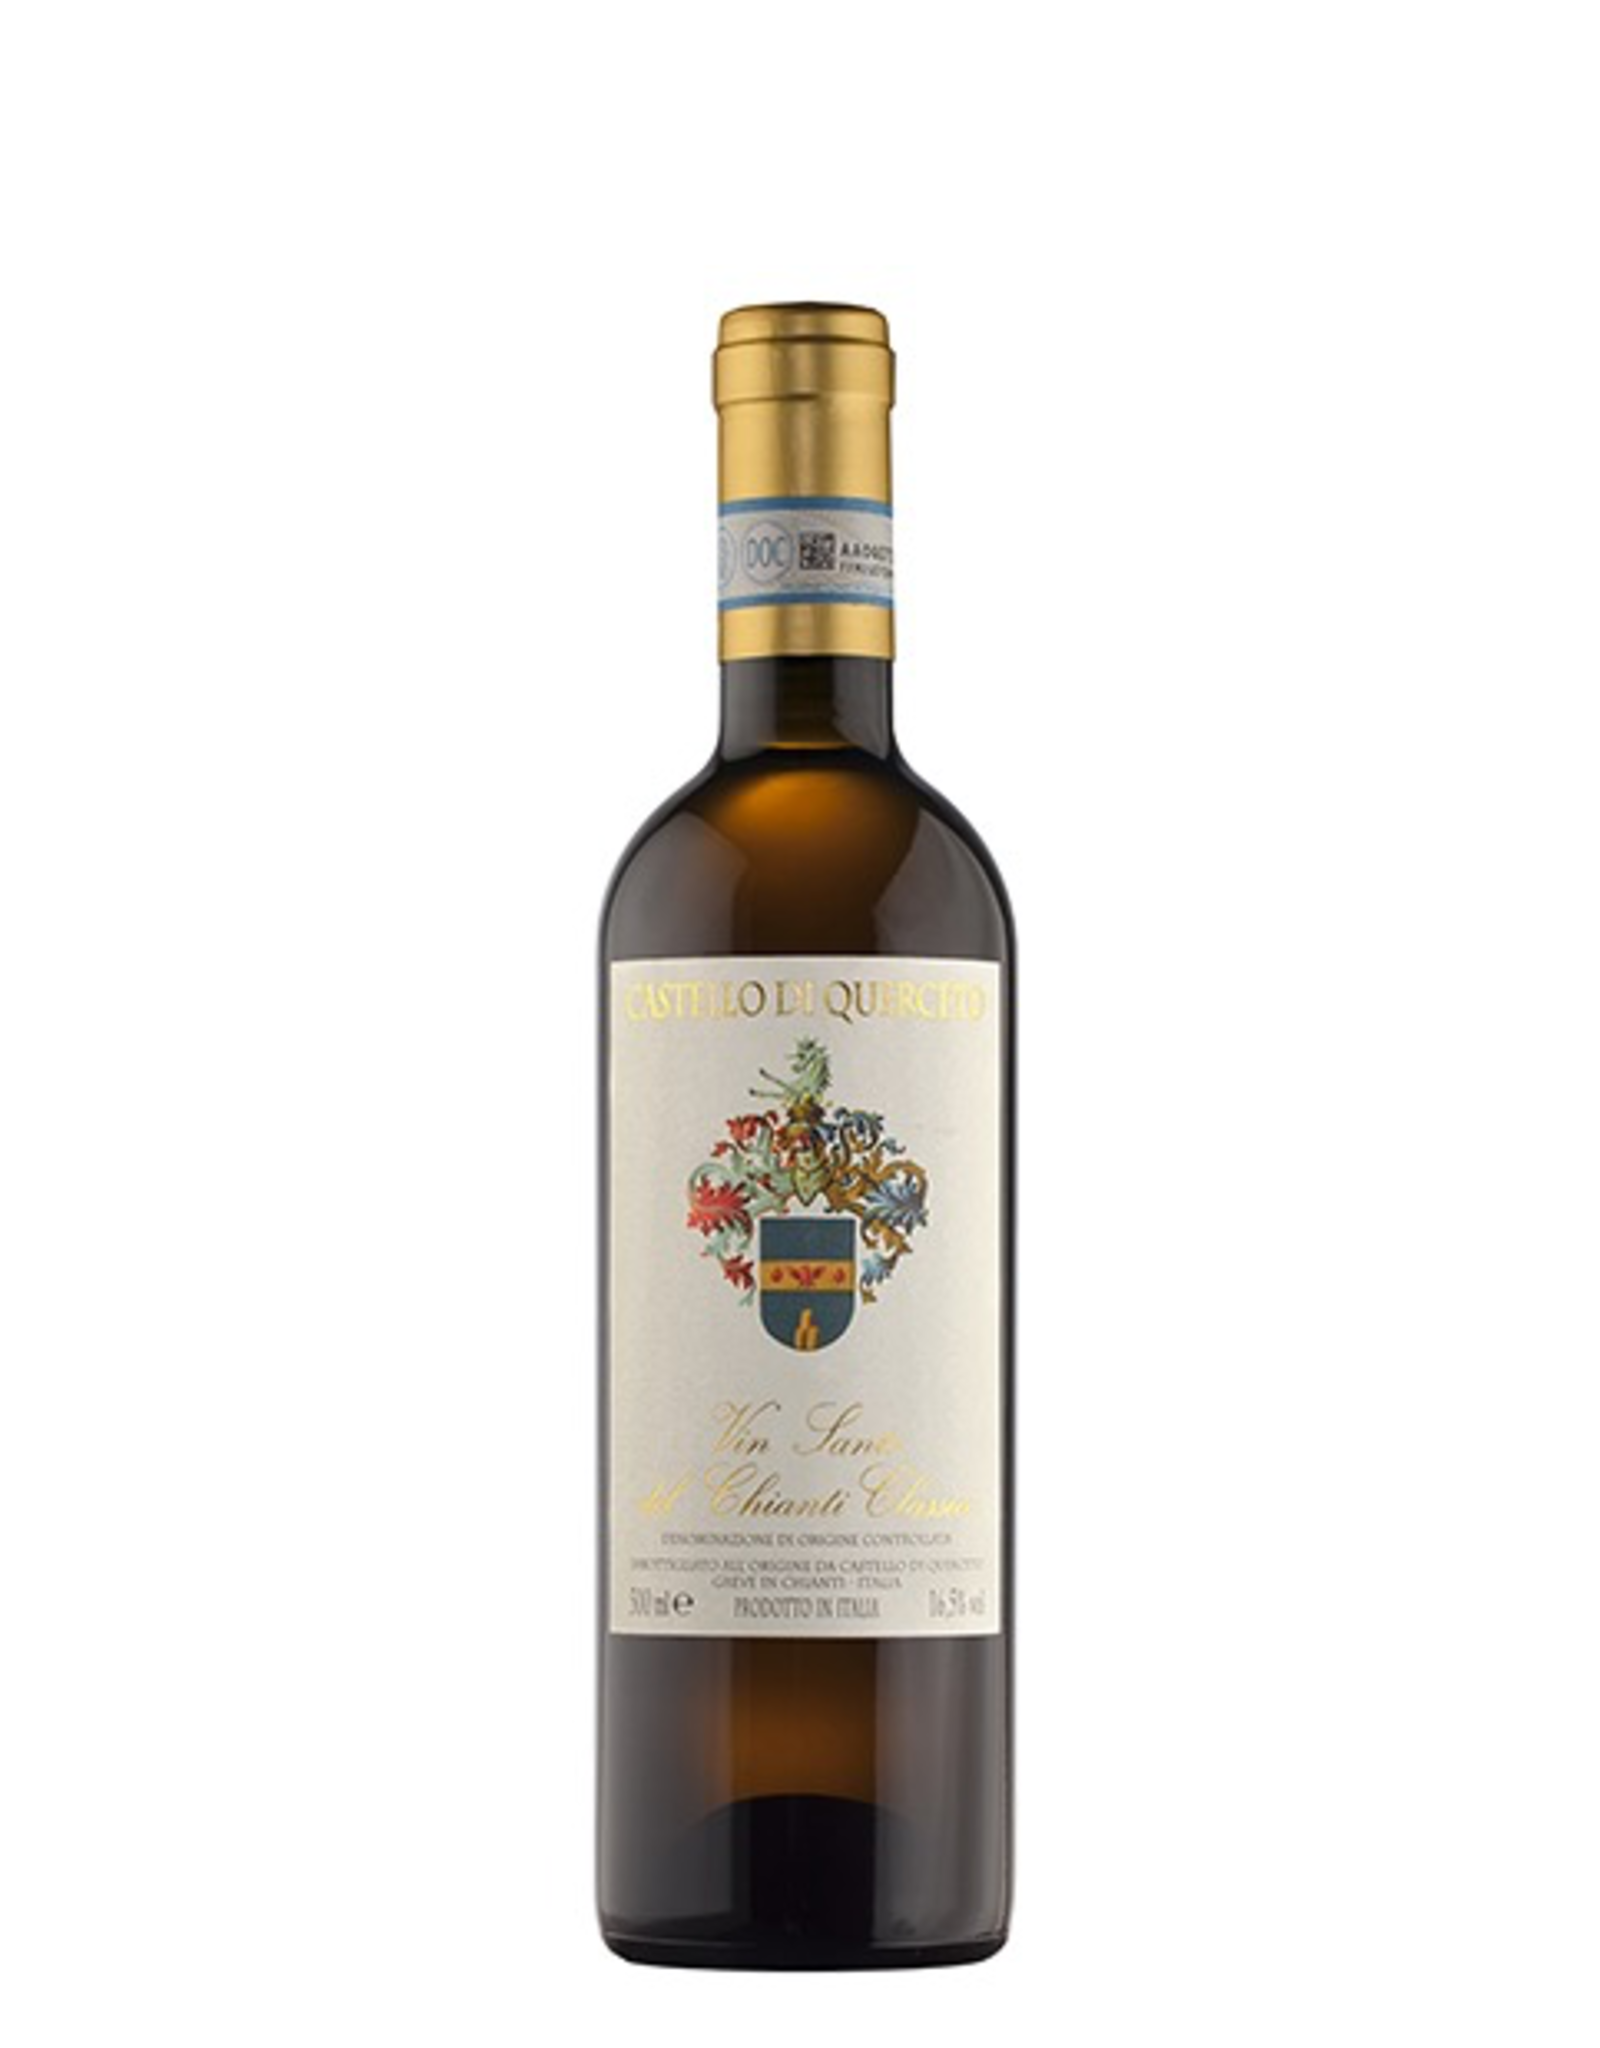 White Wine 2014, Castello di Querceto Vin Santo del Chianti Classico 500ml, White Desert Wine, Greve, Tuscany, Italy, 16.5% Alc, CTnr